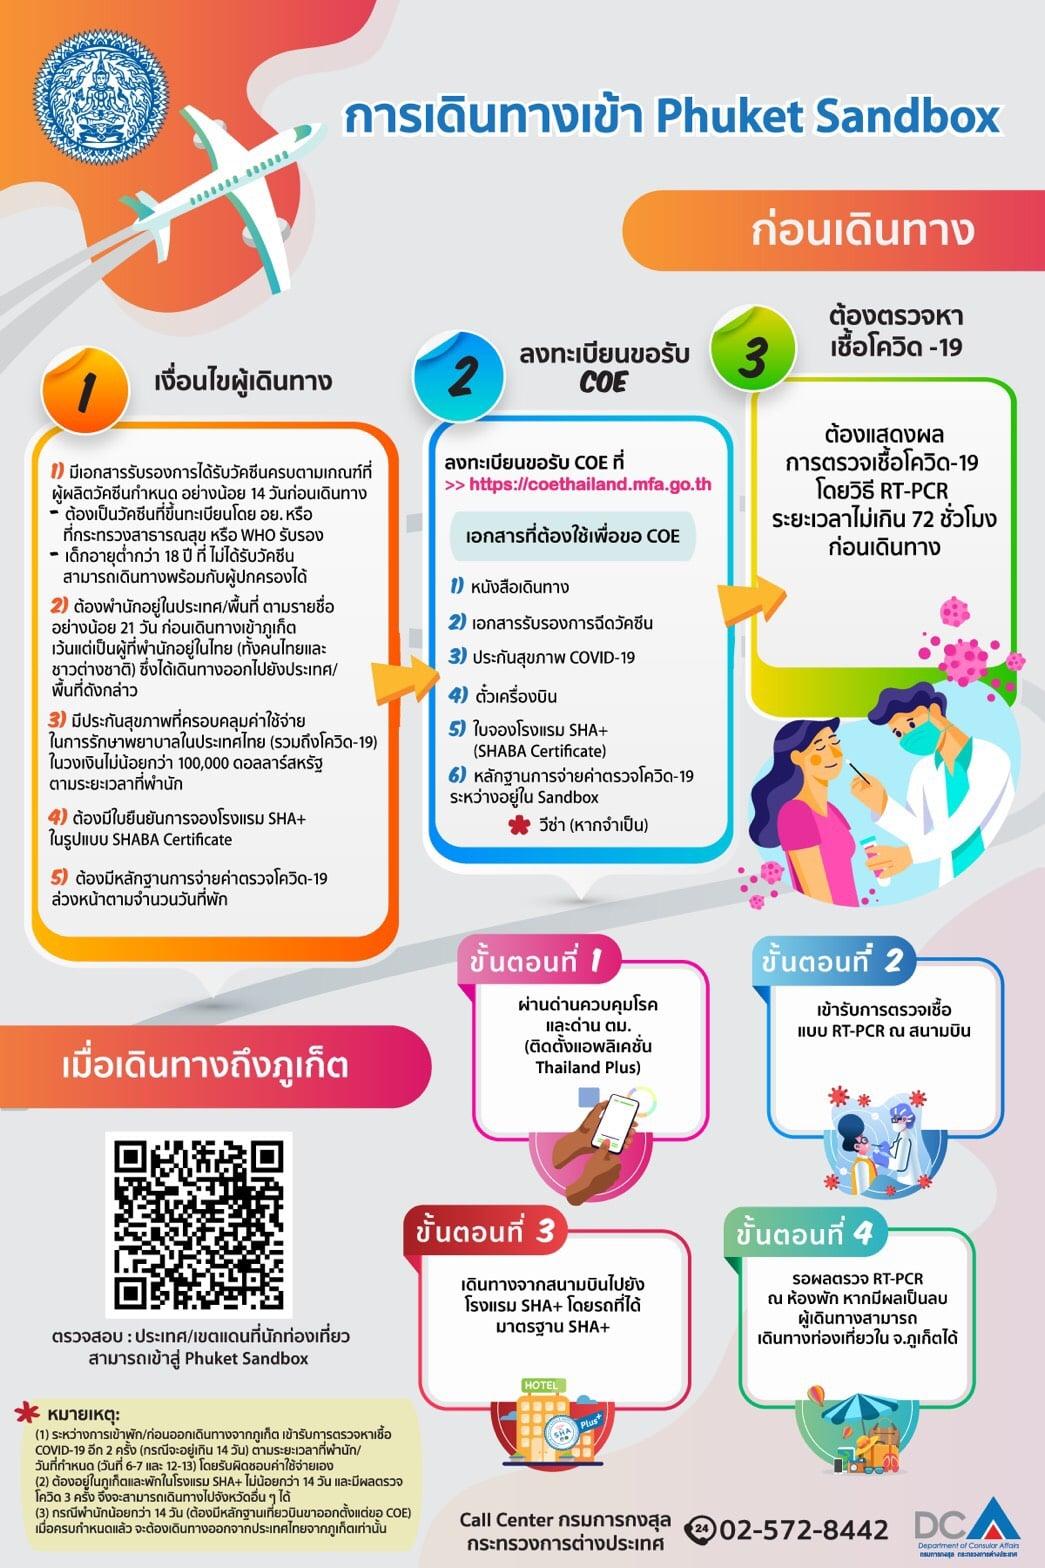 การเดินทางเข้า_Phuket_Sandbox